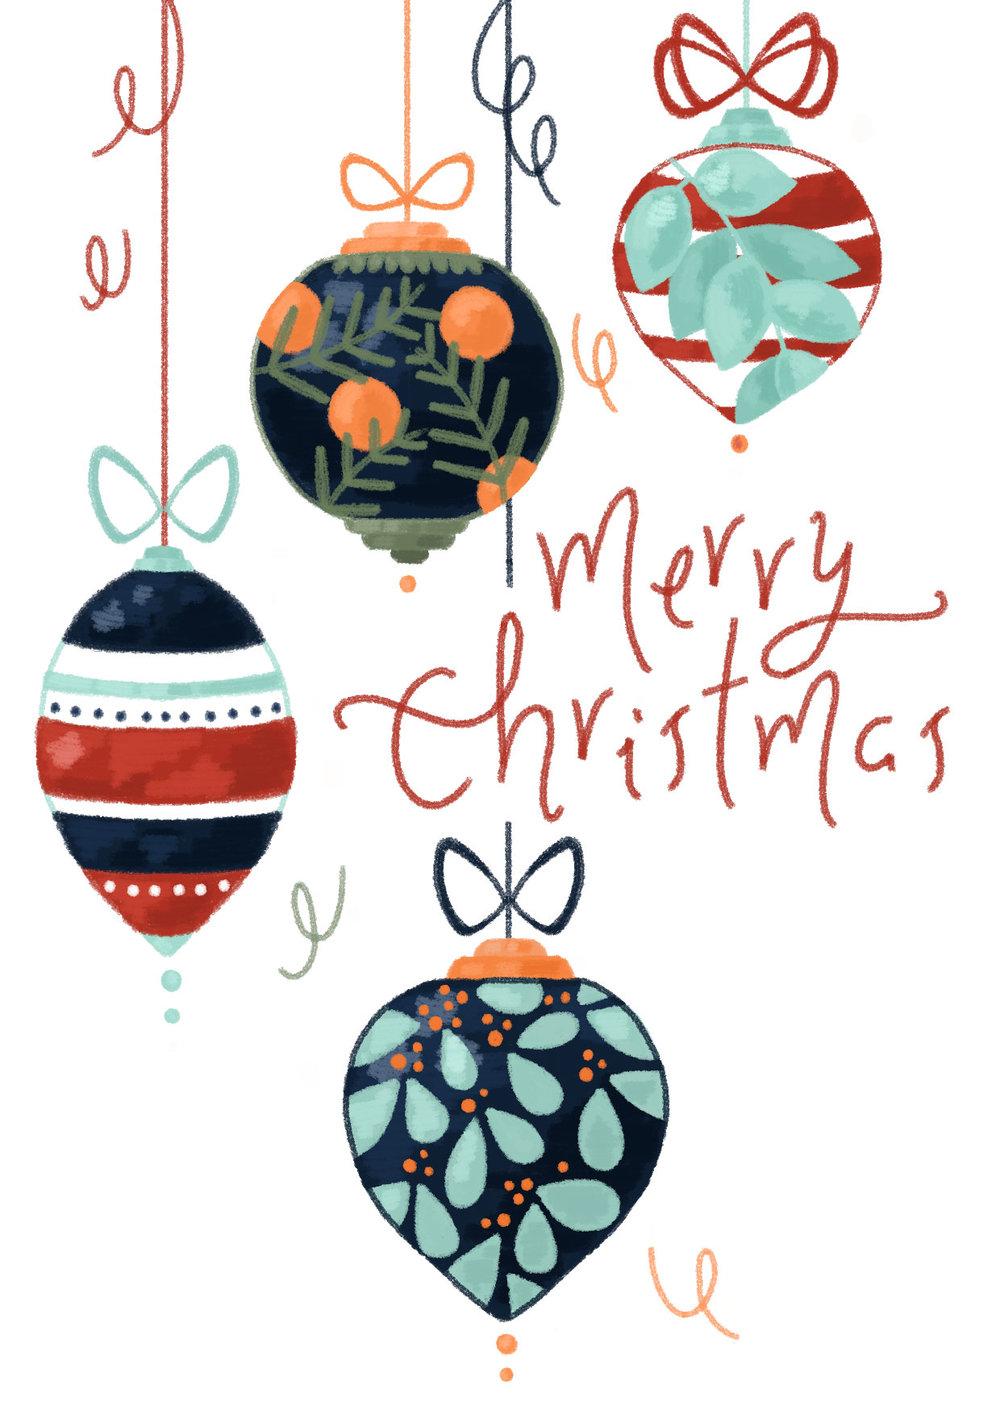 christmascard_baubles2.jpg